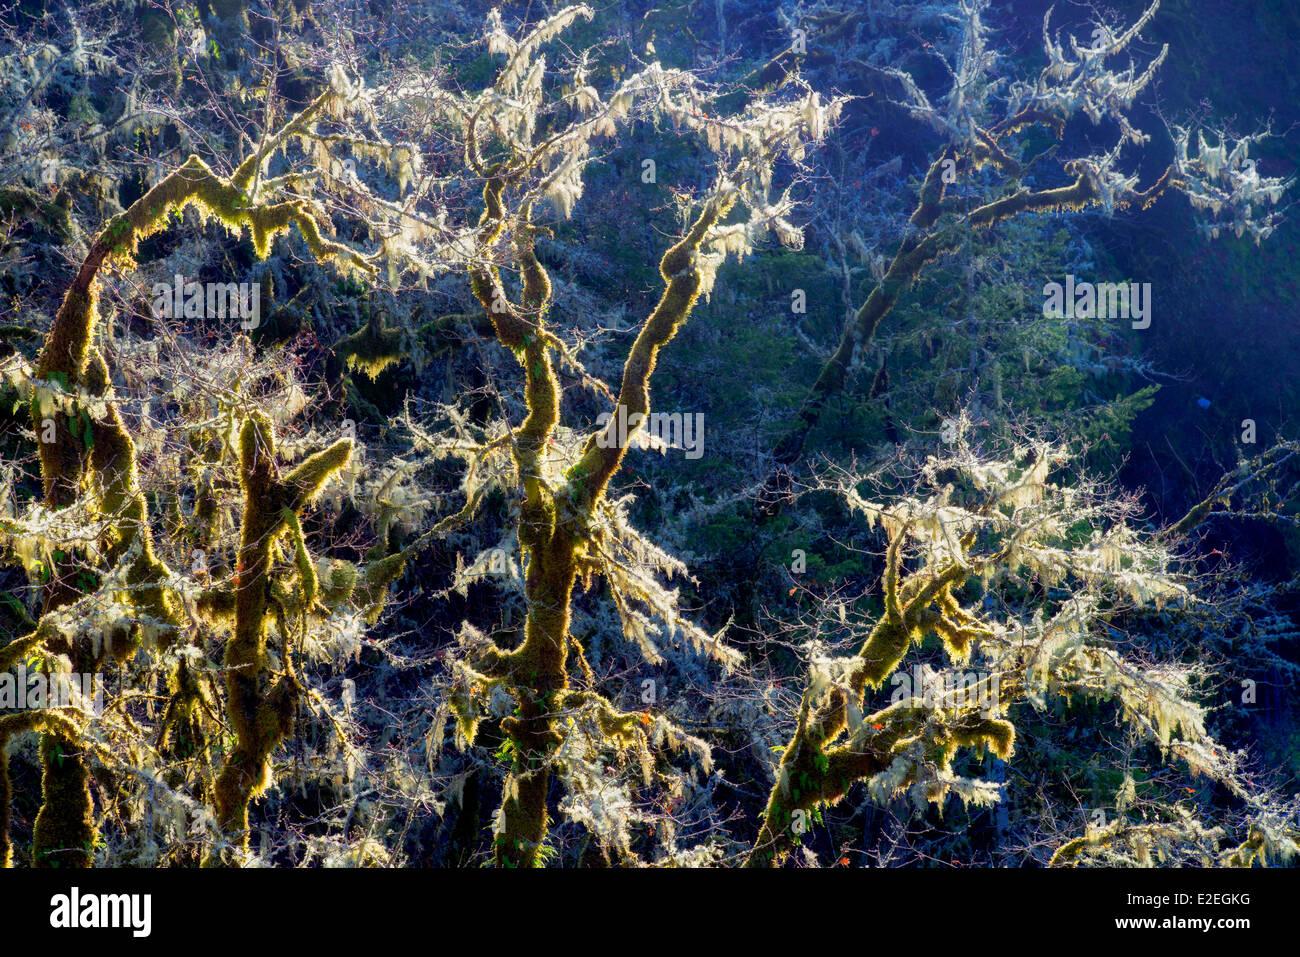 Hinterleuchtete Moos auf Eichen. Eagle Creek, Oregon Stockbild